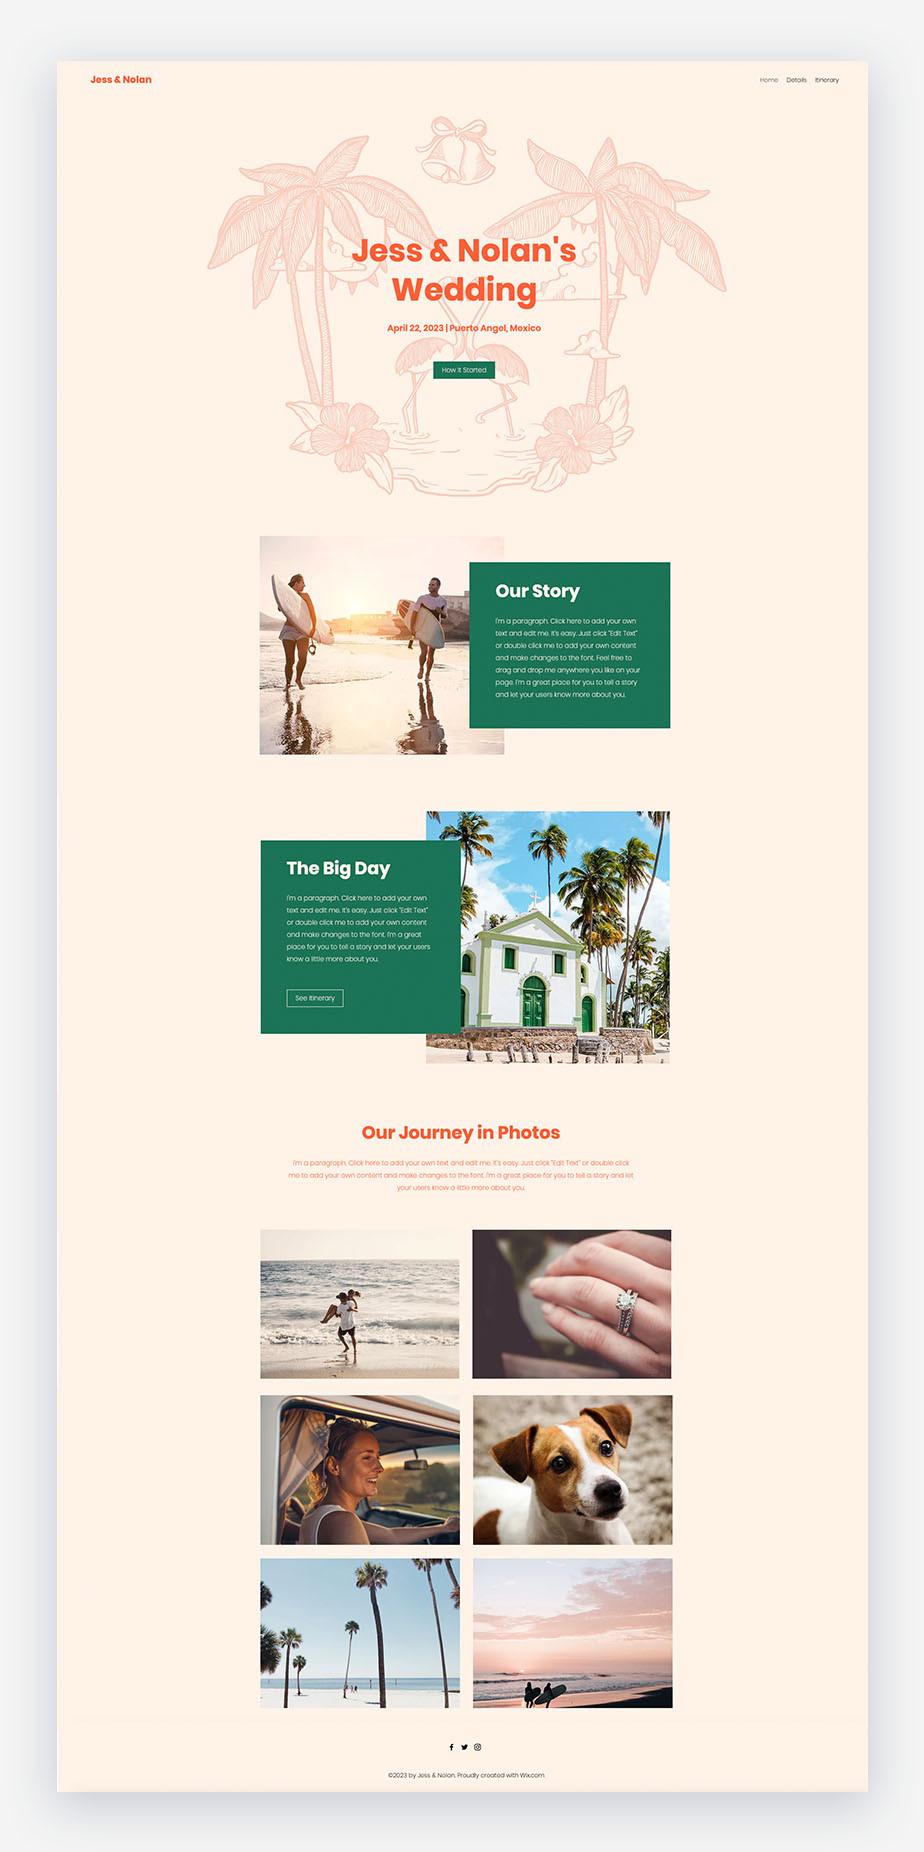 sito web di matrimonio wix in colore pesca chiaro